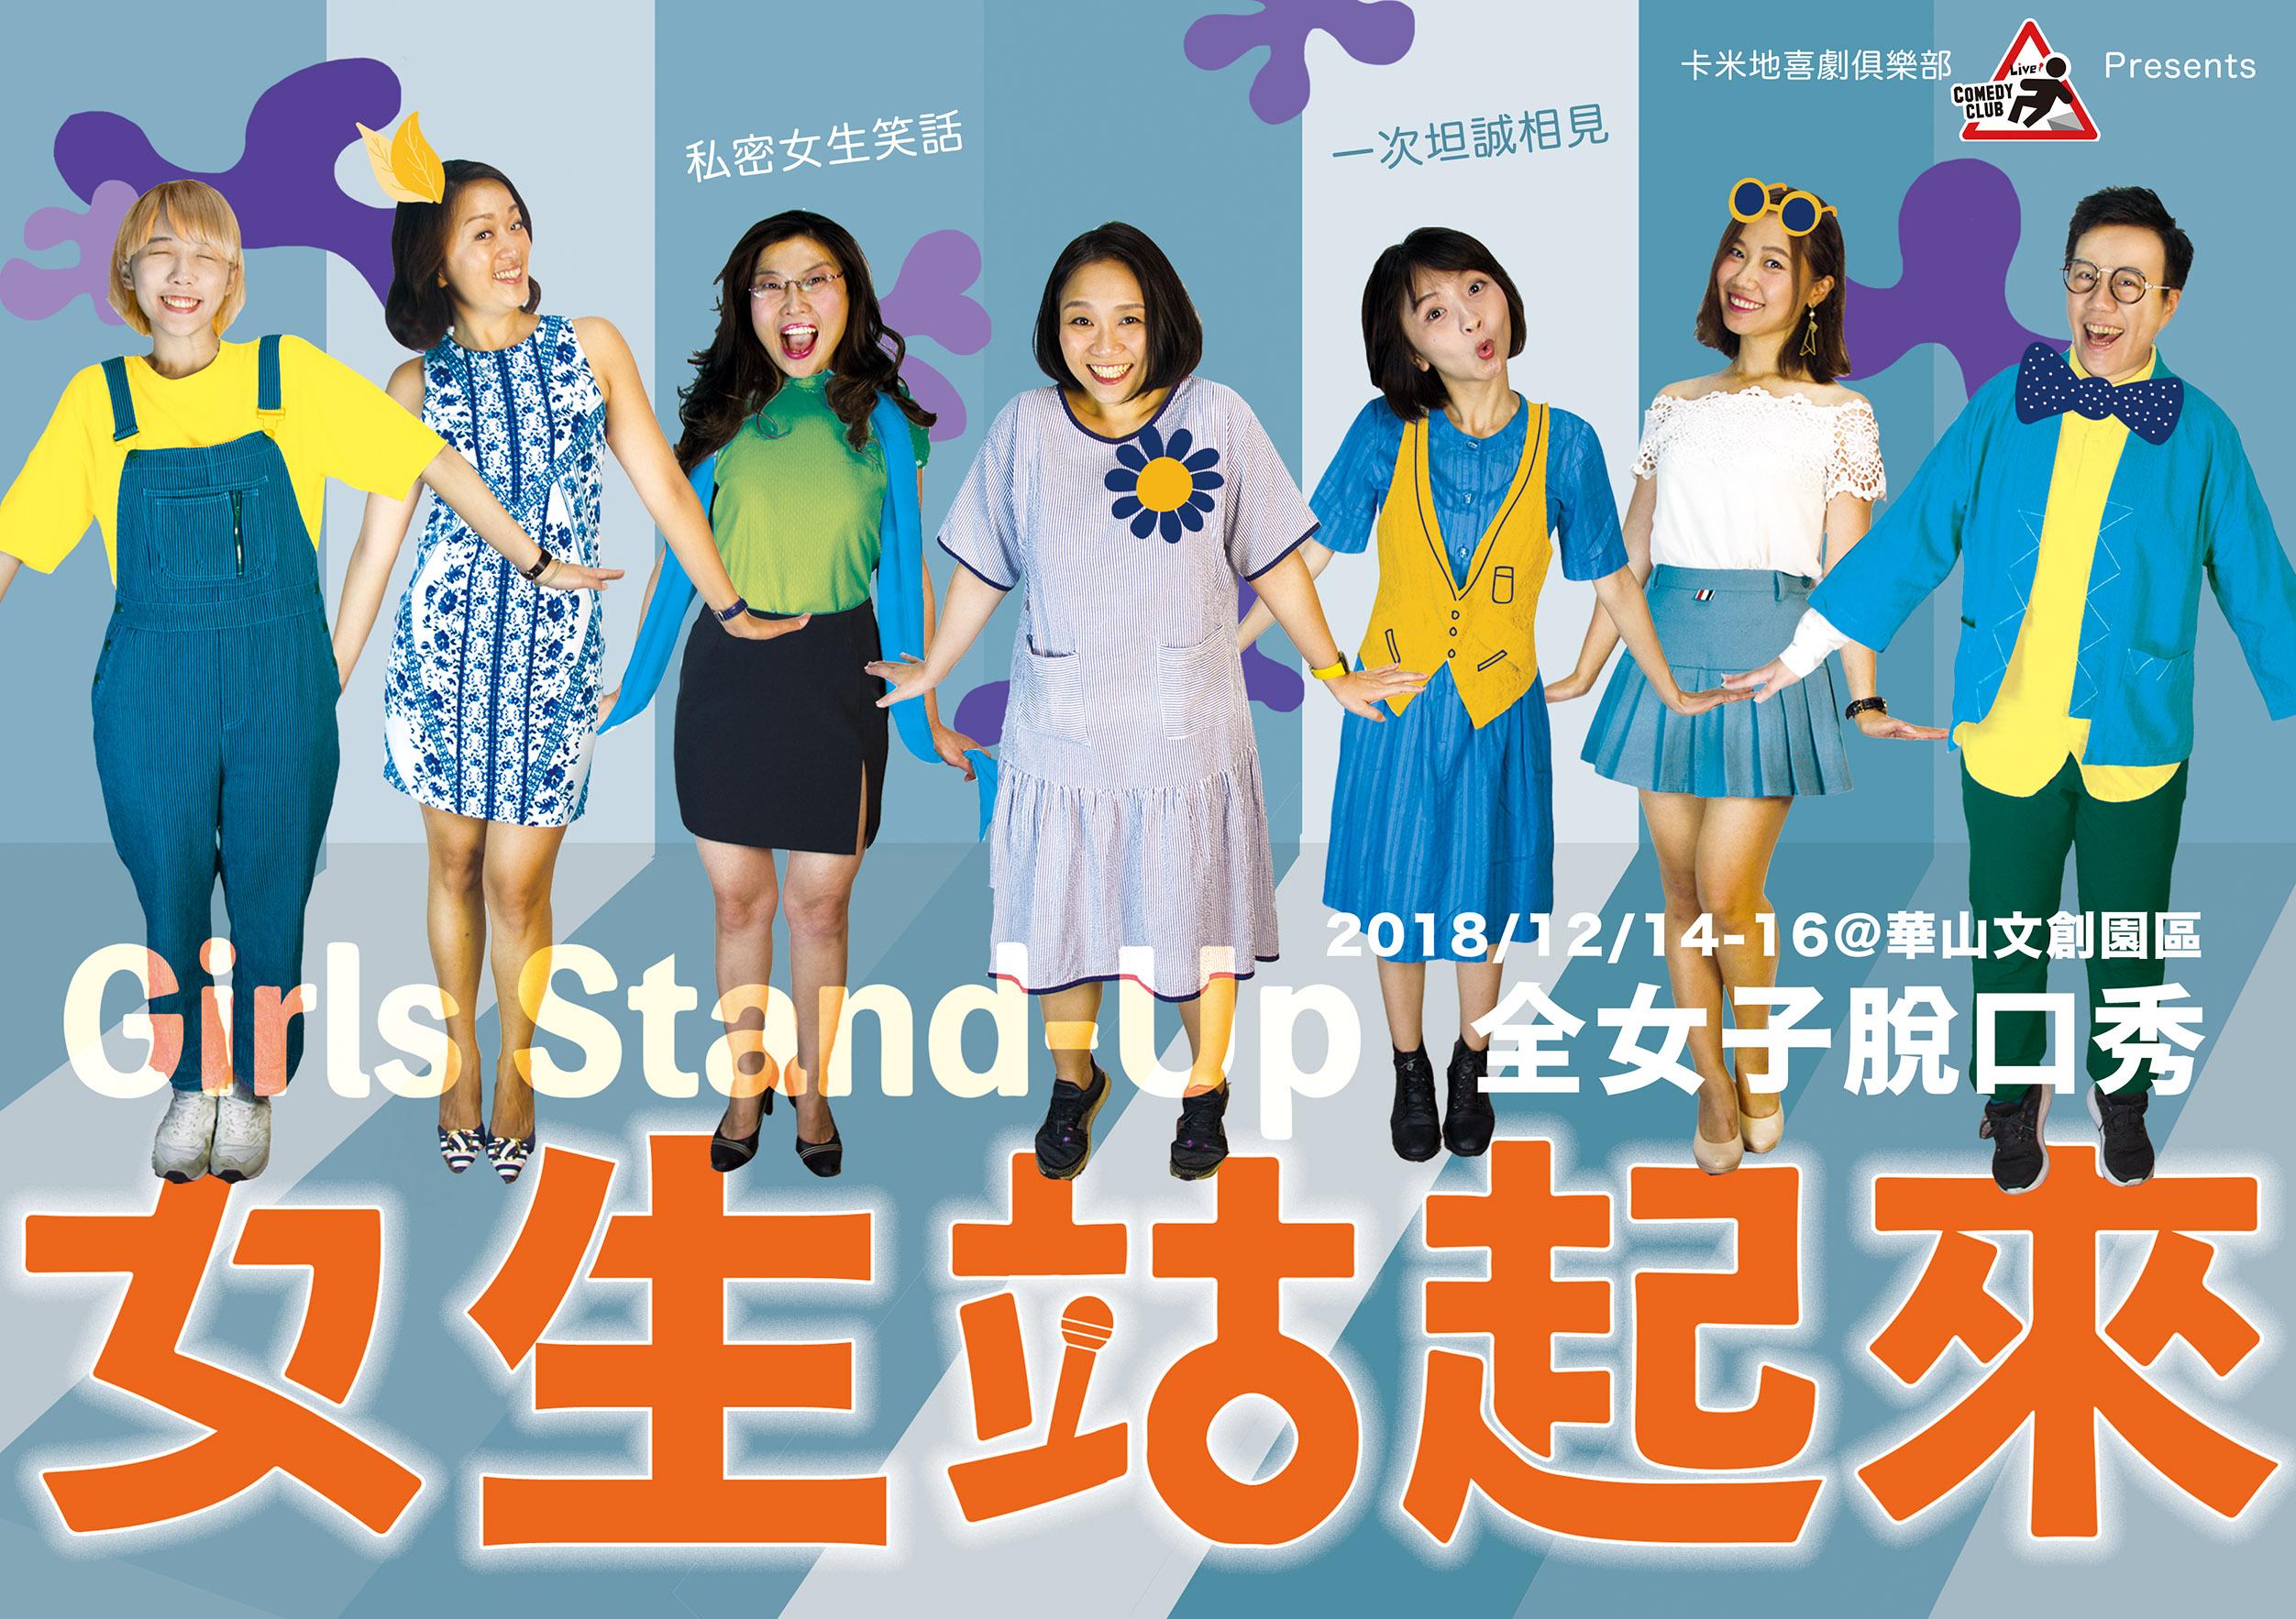 12/14-16 全女子脫口秀:女生站起來